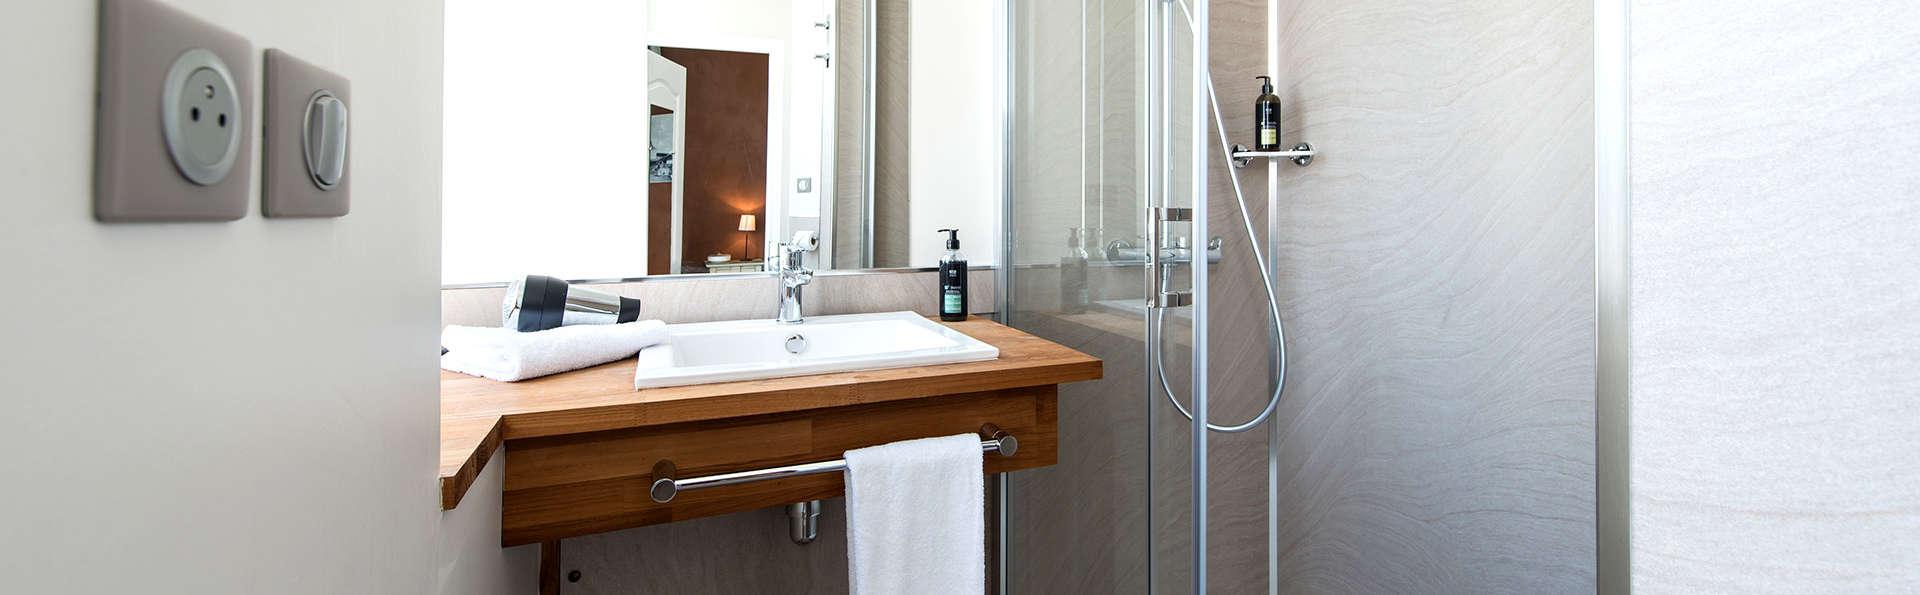 Best Western Hôtel de la Plage - Edit_Bathroom2.jpg